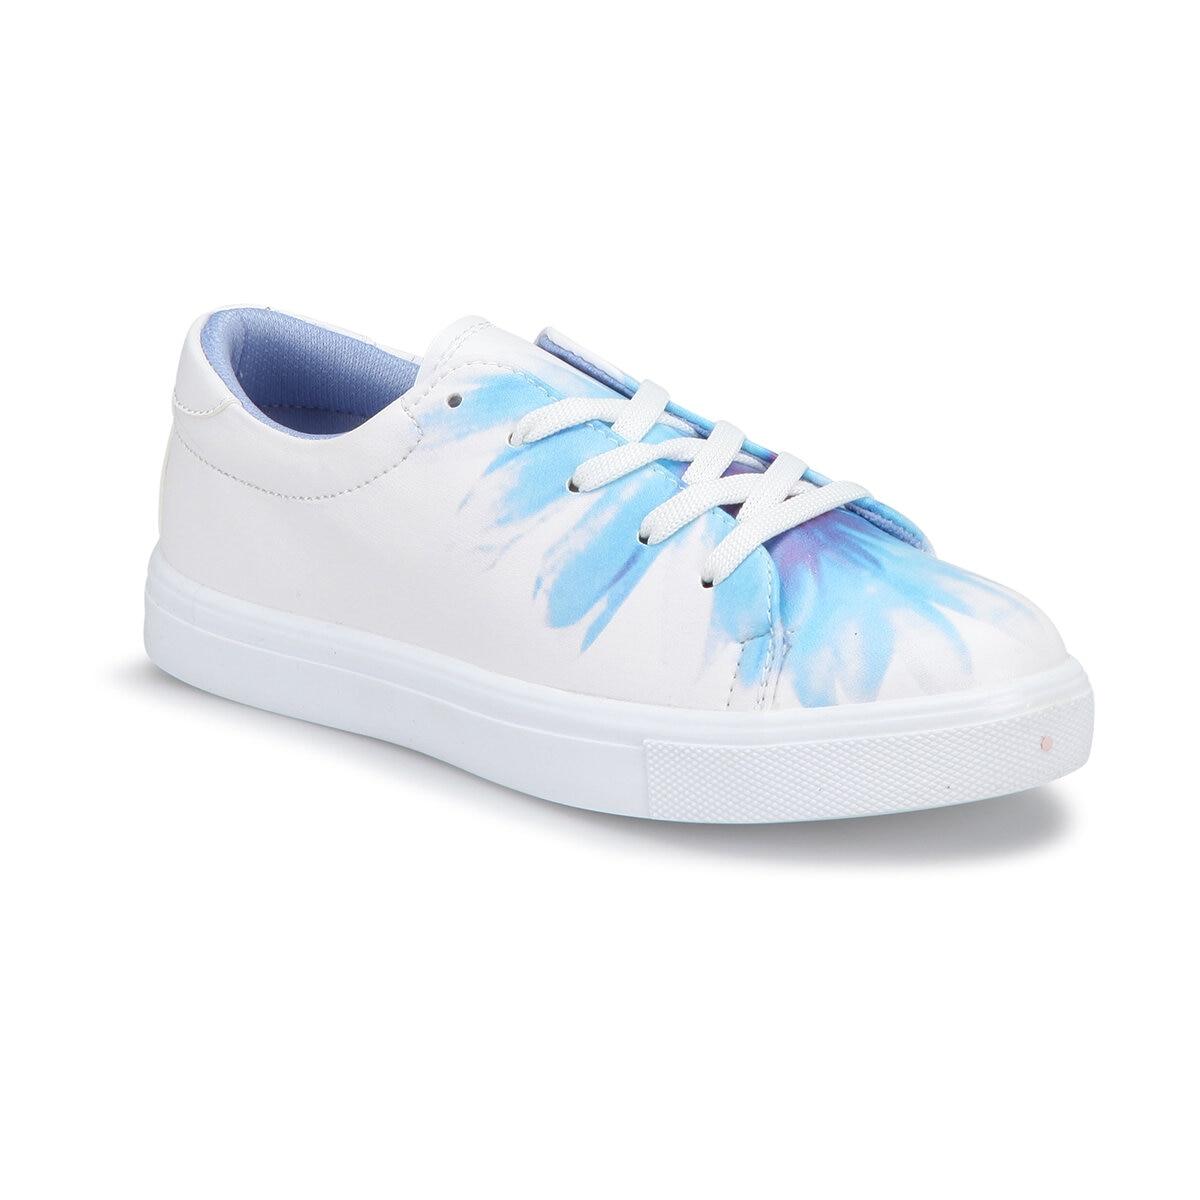 FLO U1301 Navy Blue Women 'S Sneaker Shoes Art Bella